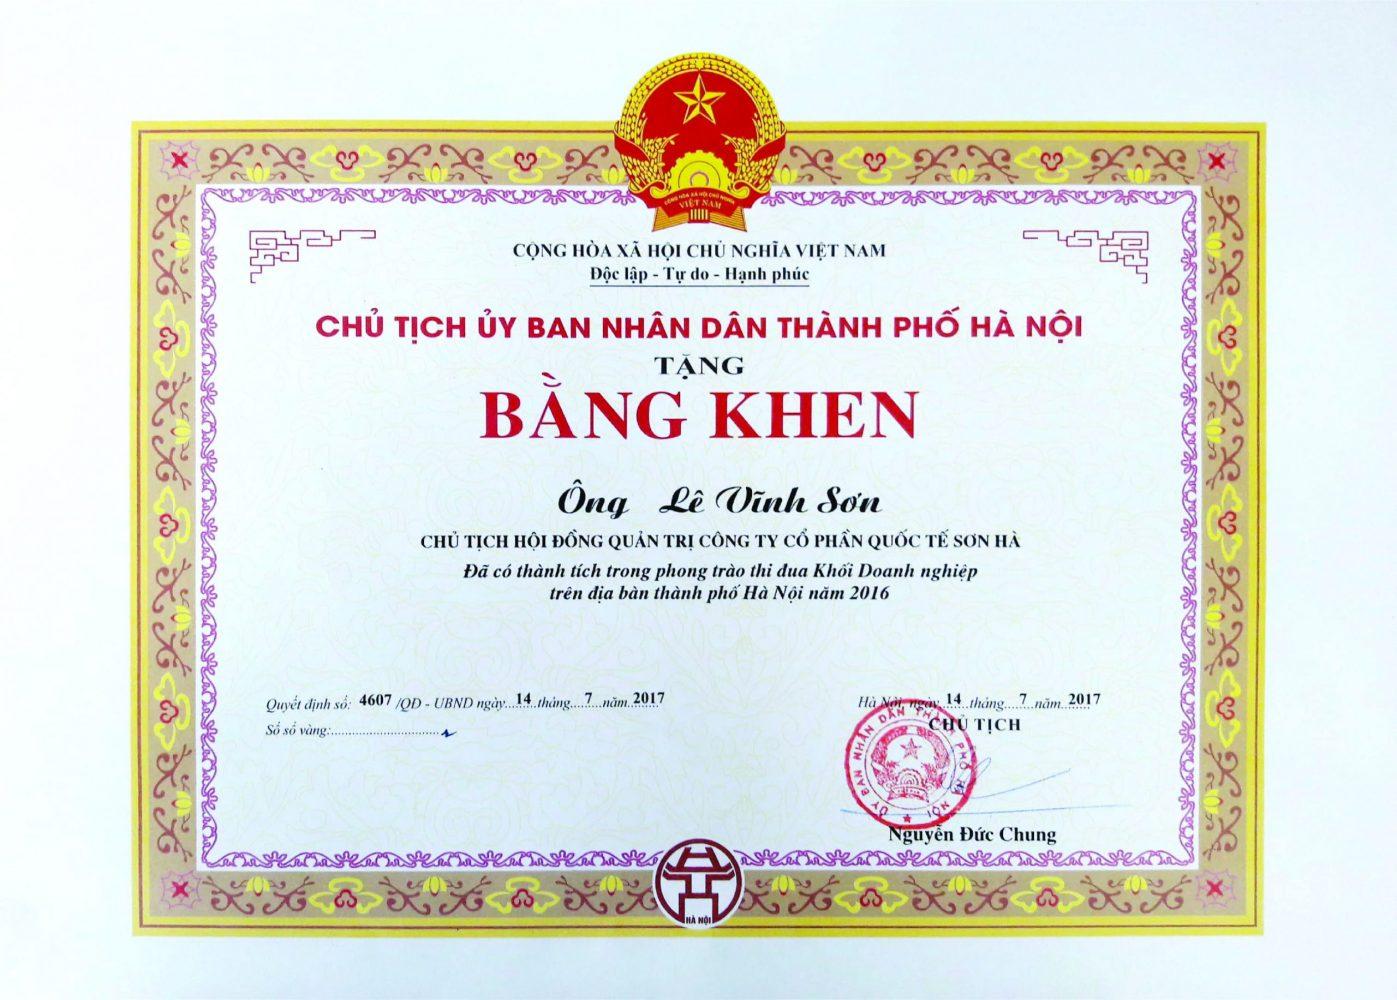 Bằng khen thi đua Doanh nghiệp Hà Nội 2016